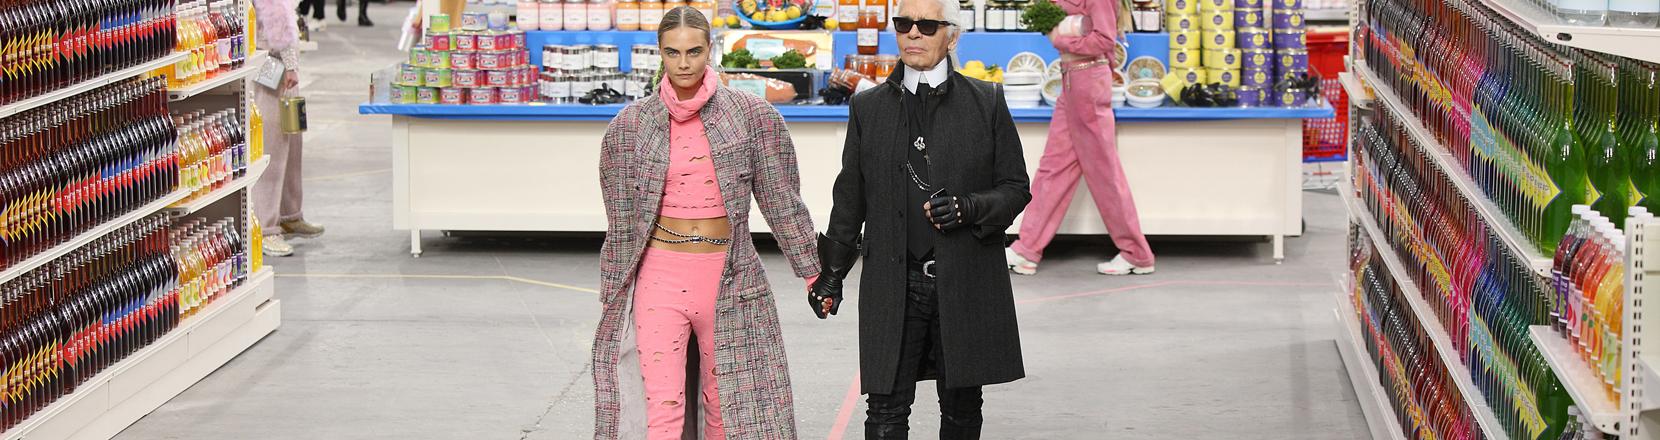 Karl Lagerfeld und das Model Cara Delevingne